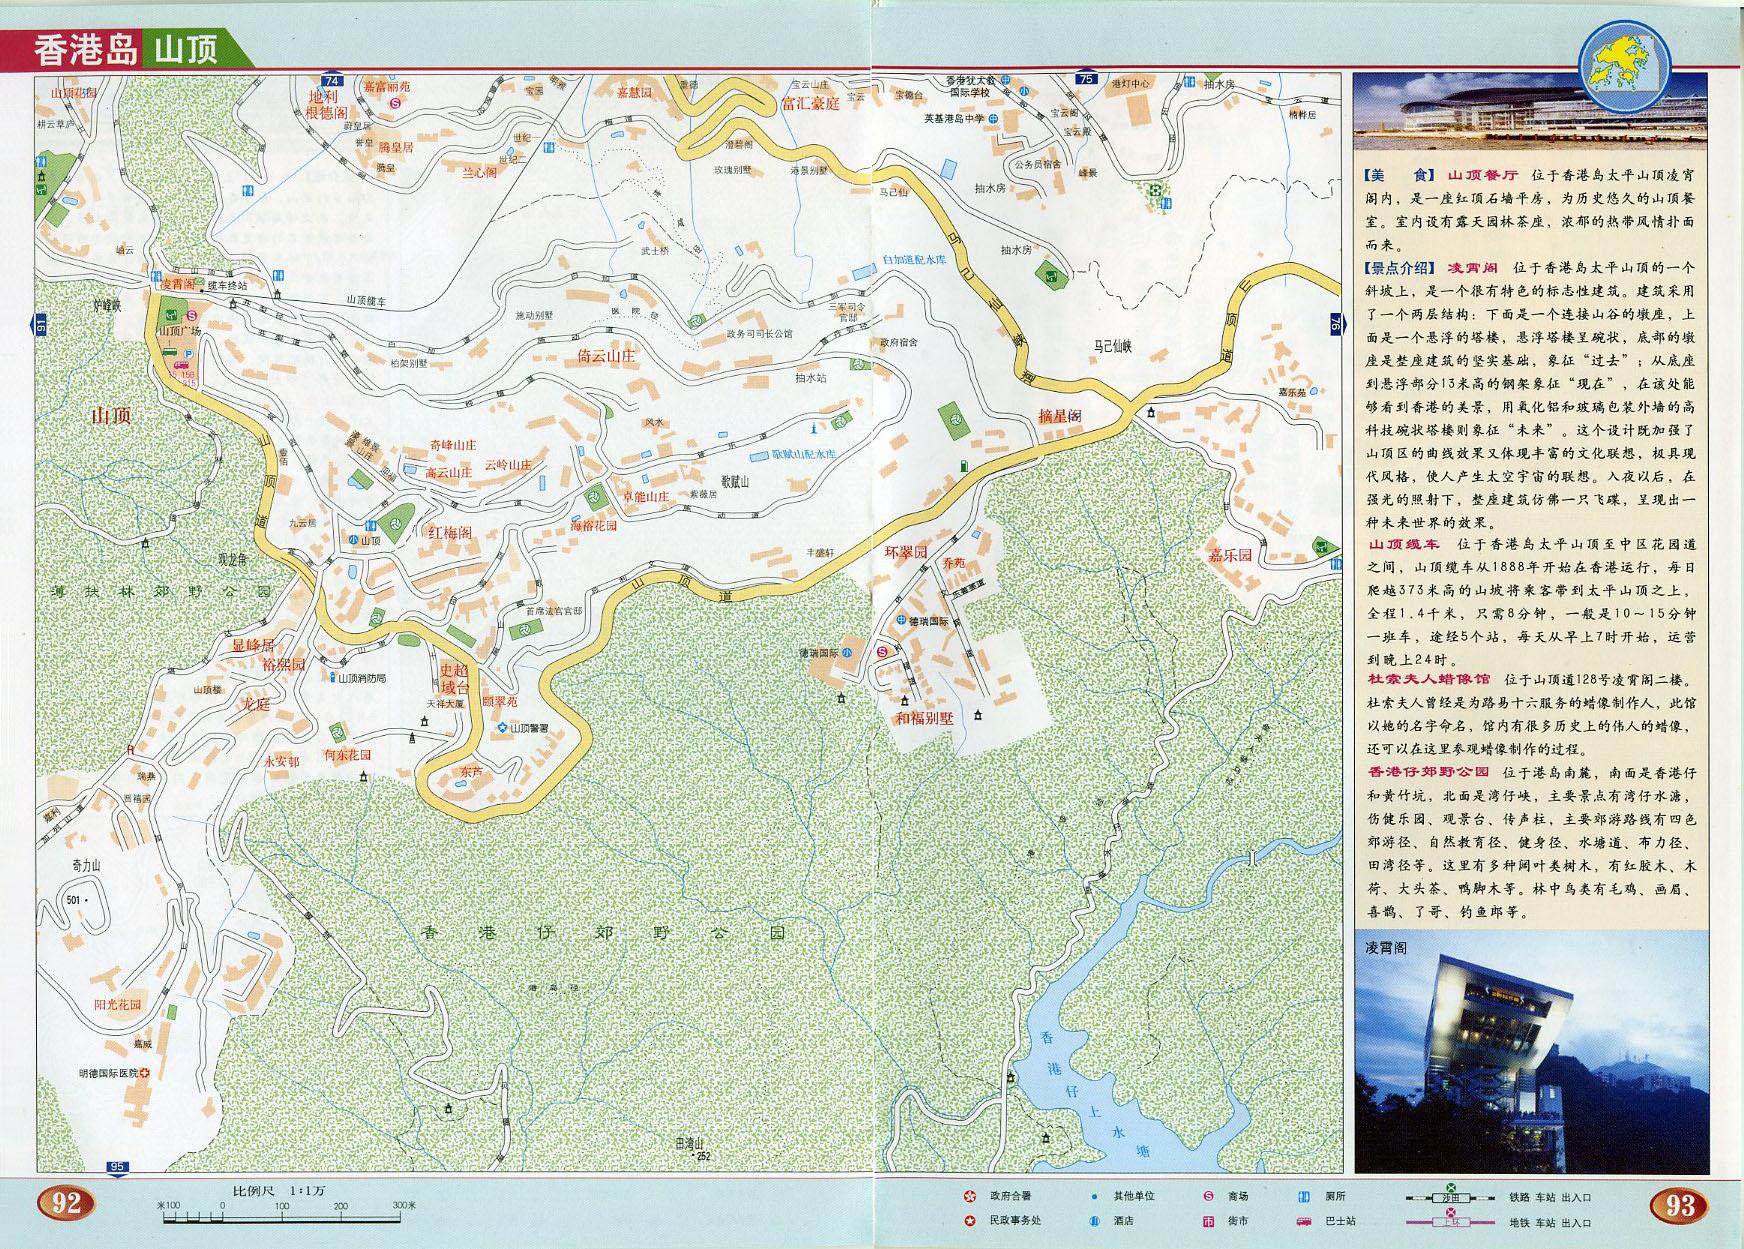 香港岛 山顶地图高清版